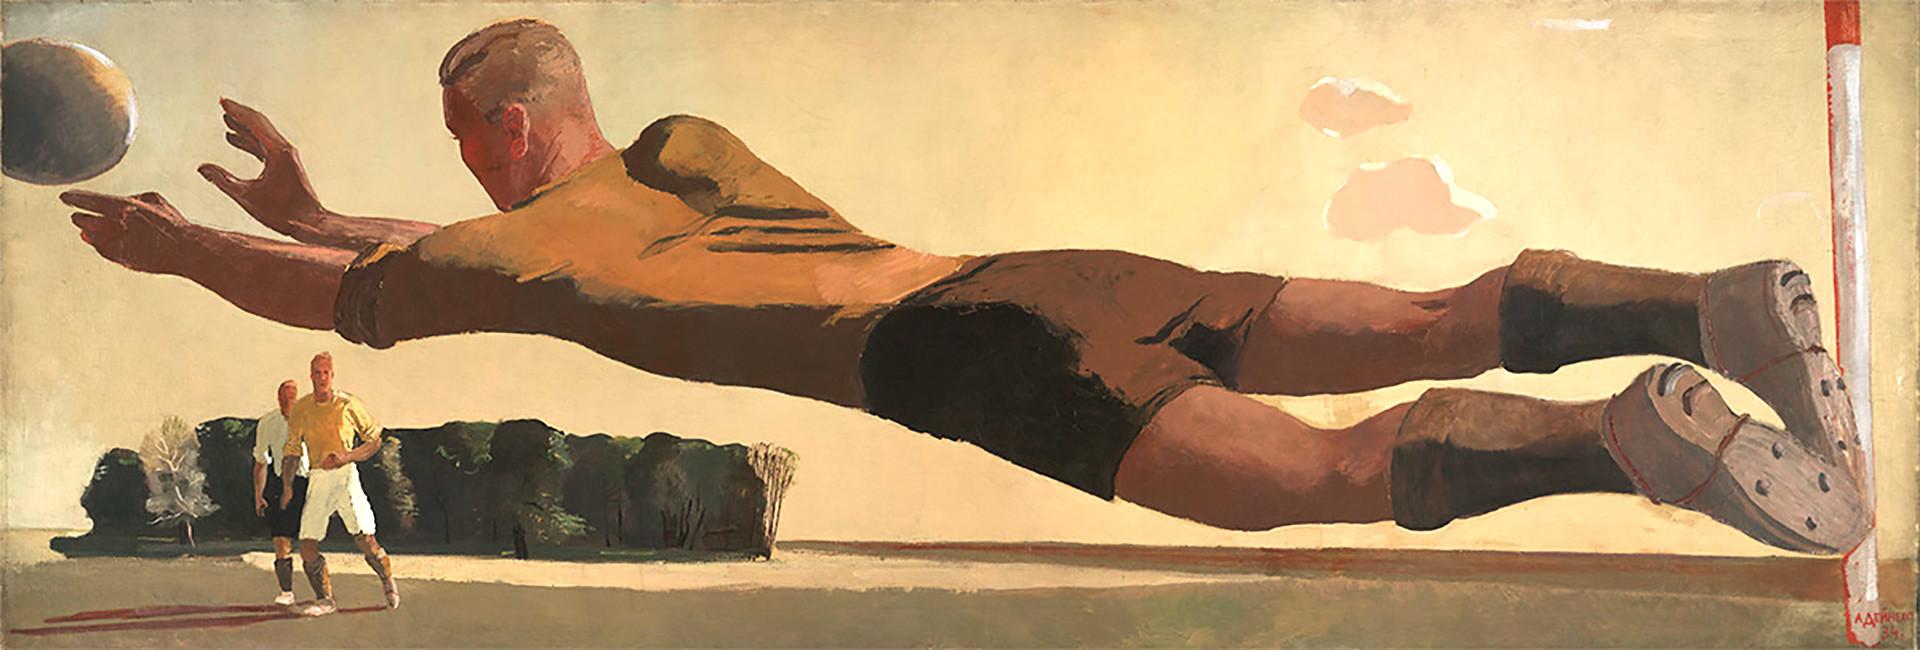 「ゴールキーパー」、1934年